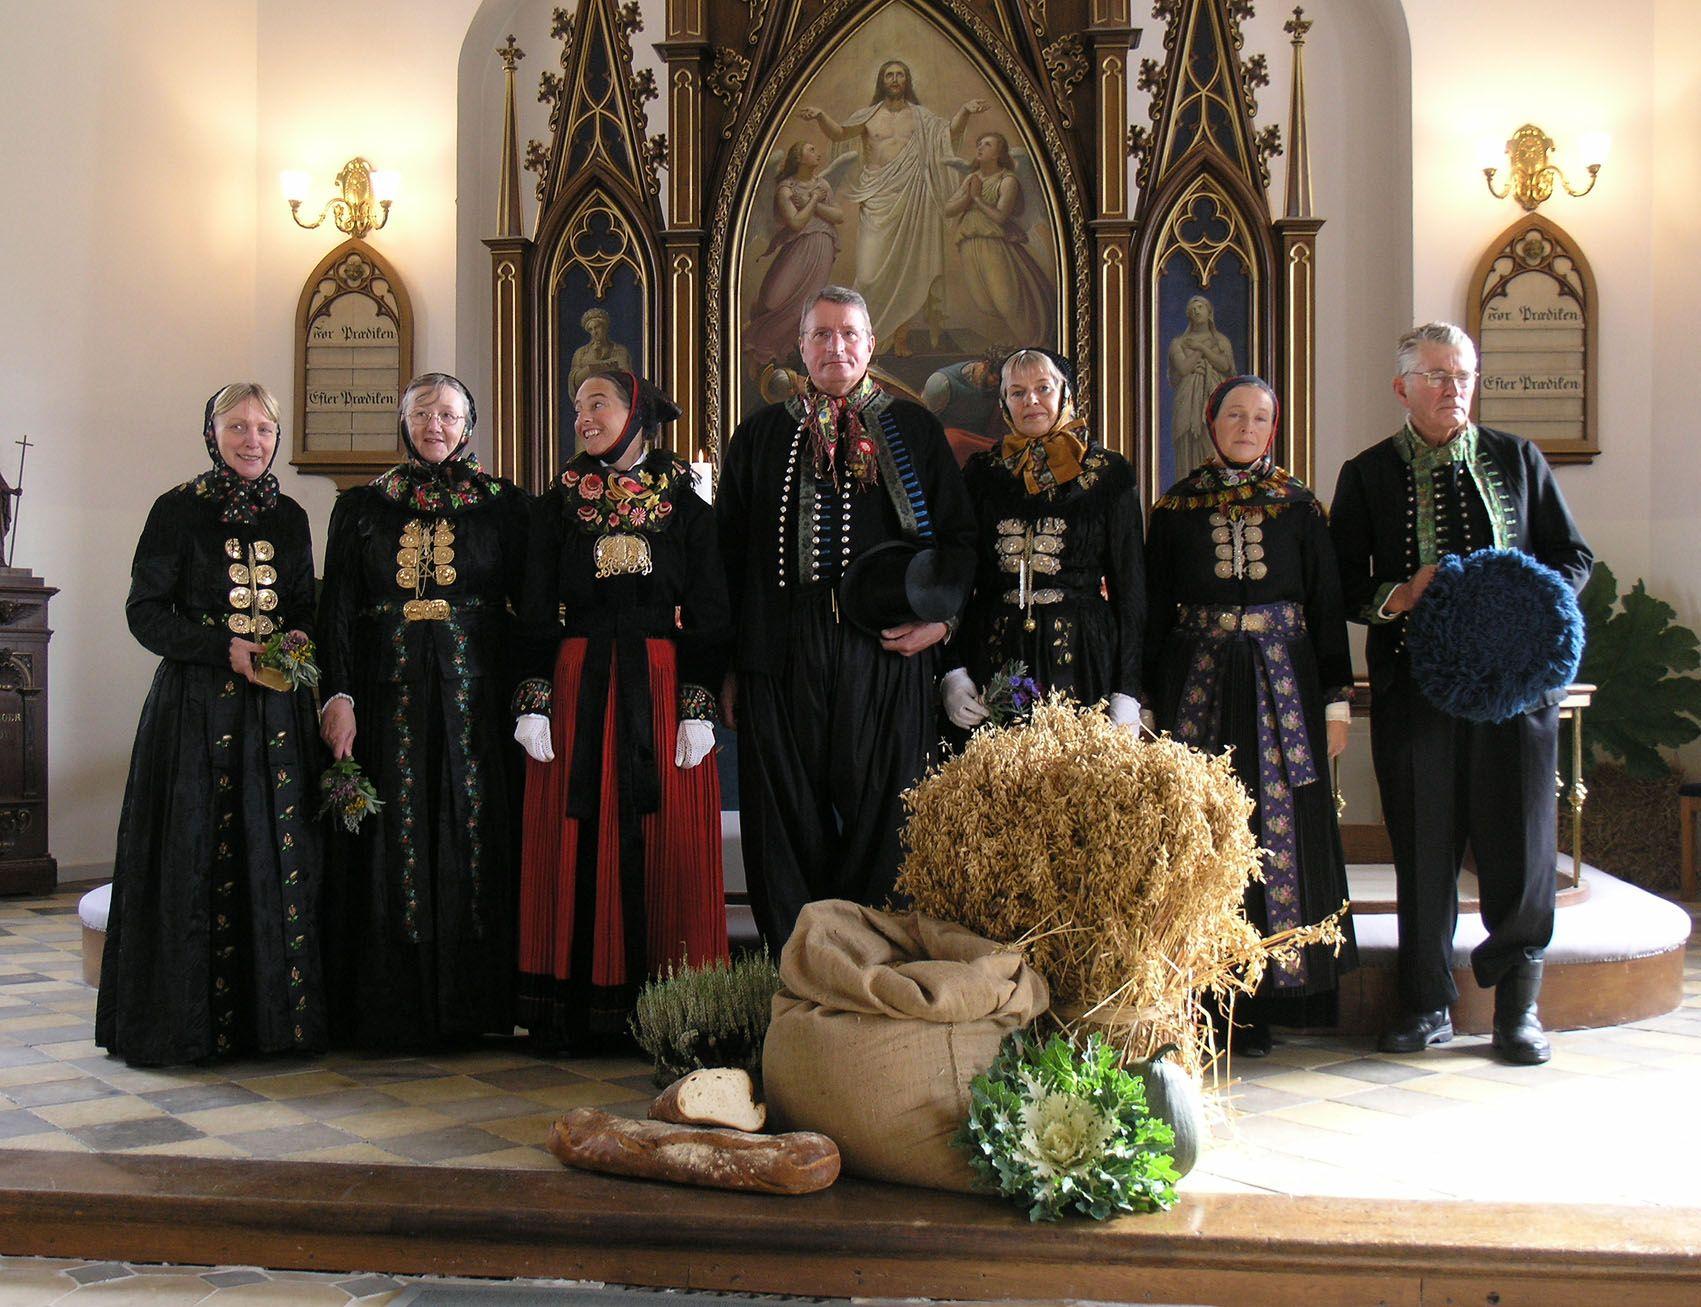 Wedding In Store Magleby Kirke With The Feastfolk Wearing Amagerdragter Host 2007 Regiones Trajes Europa